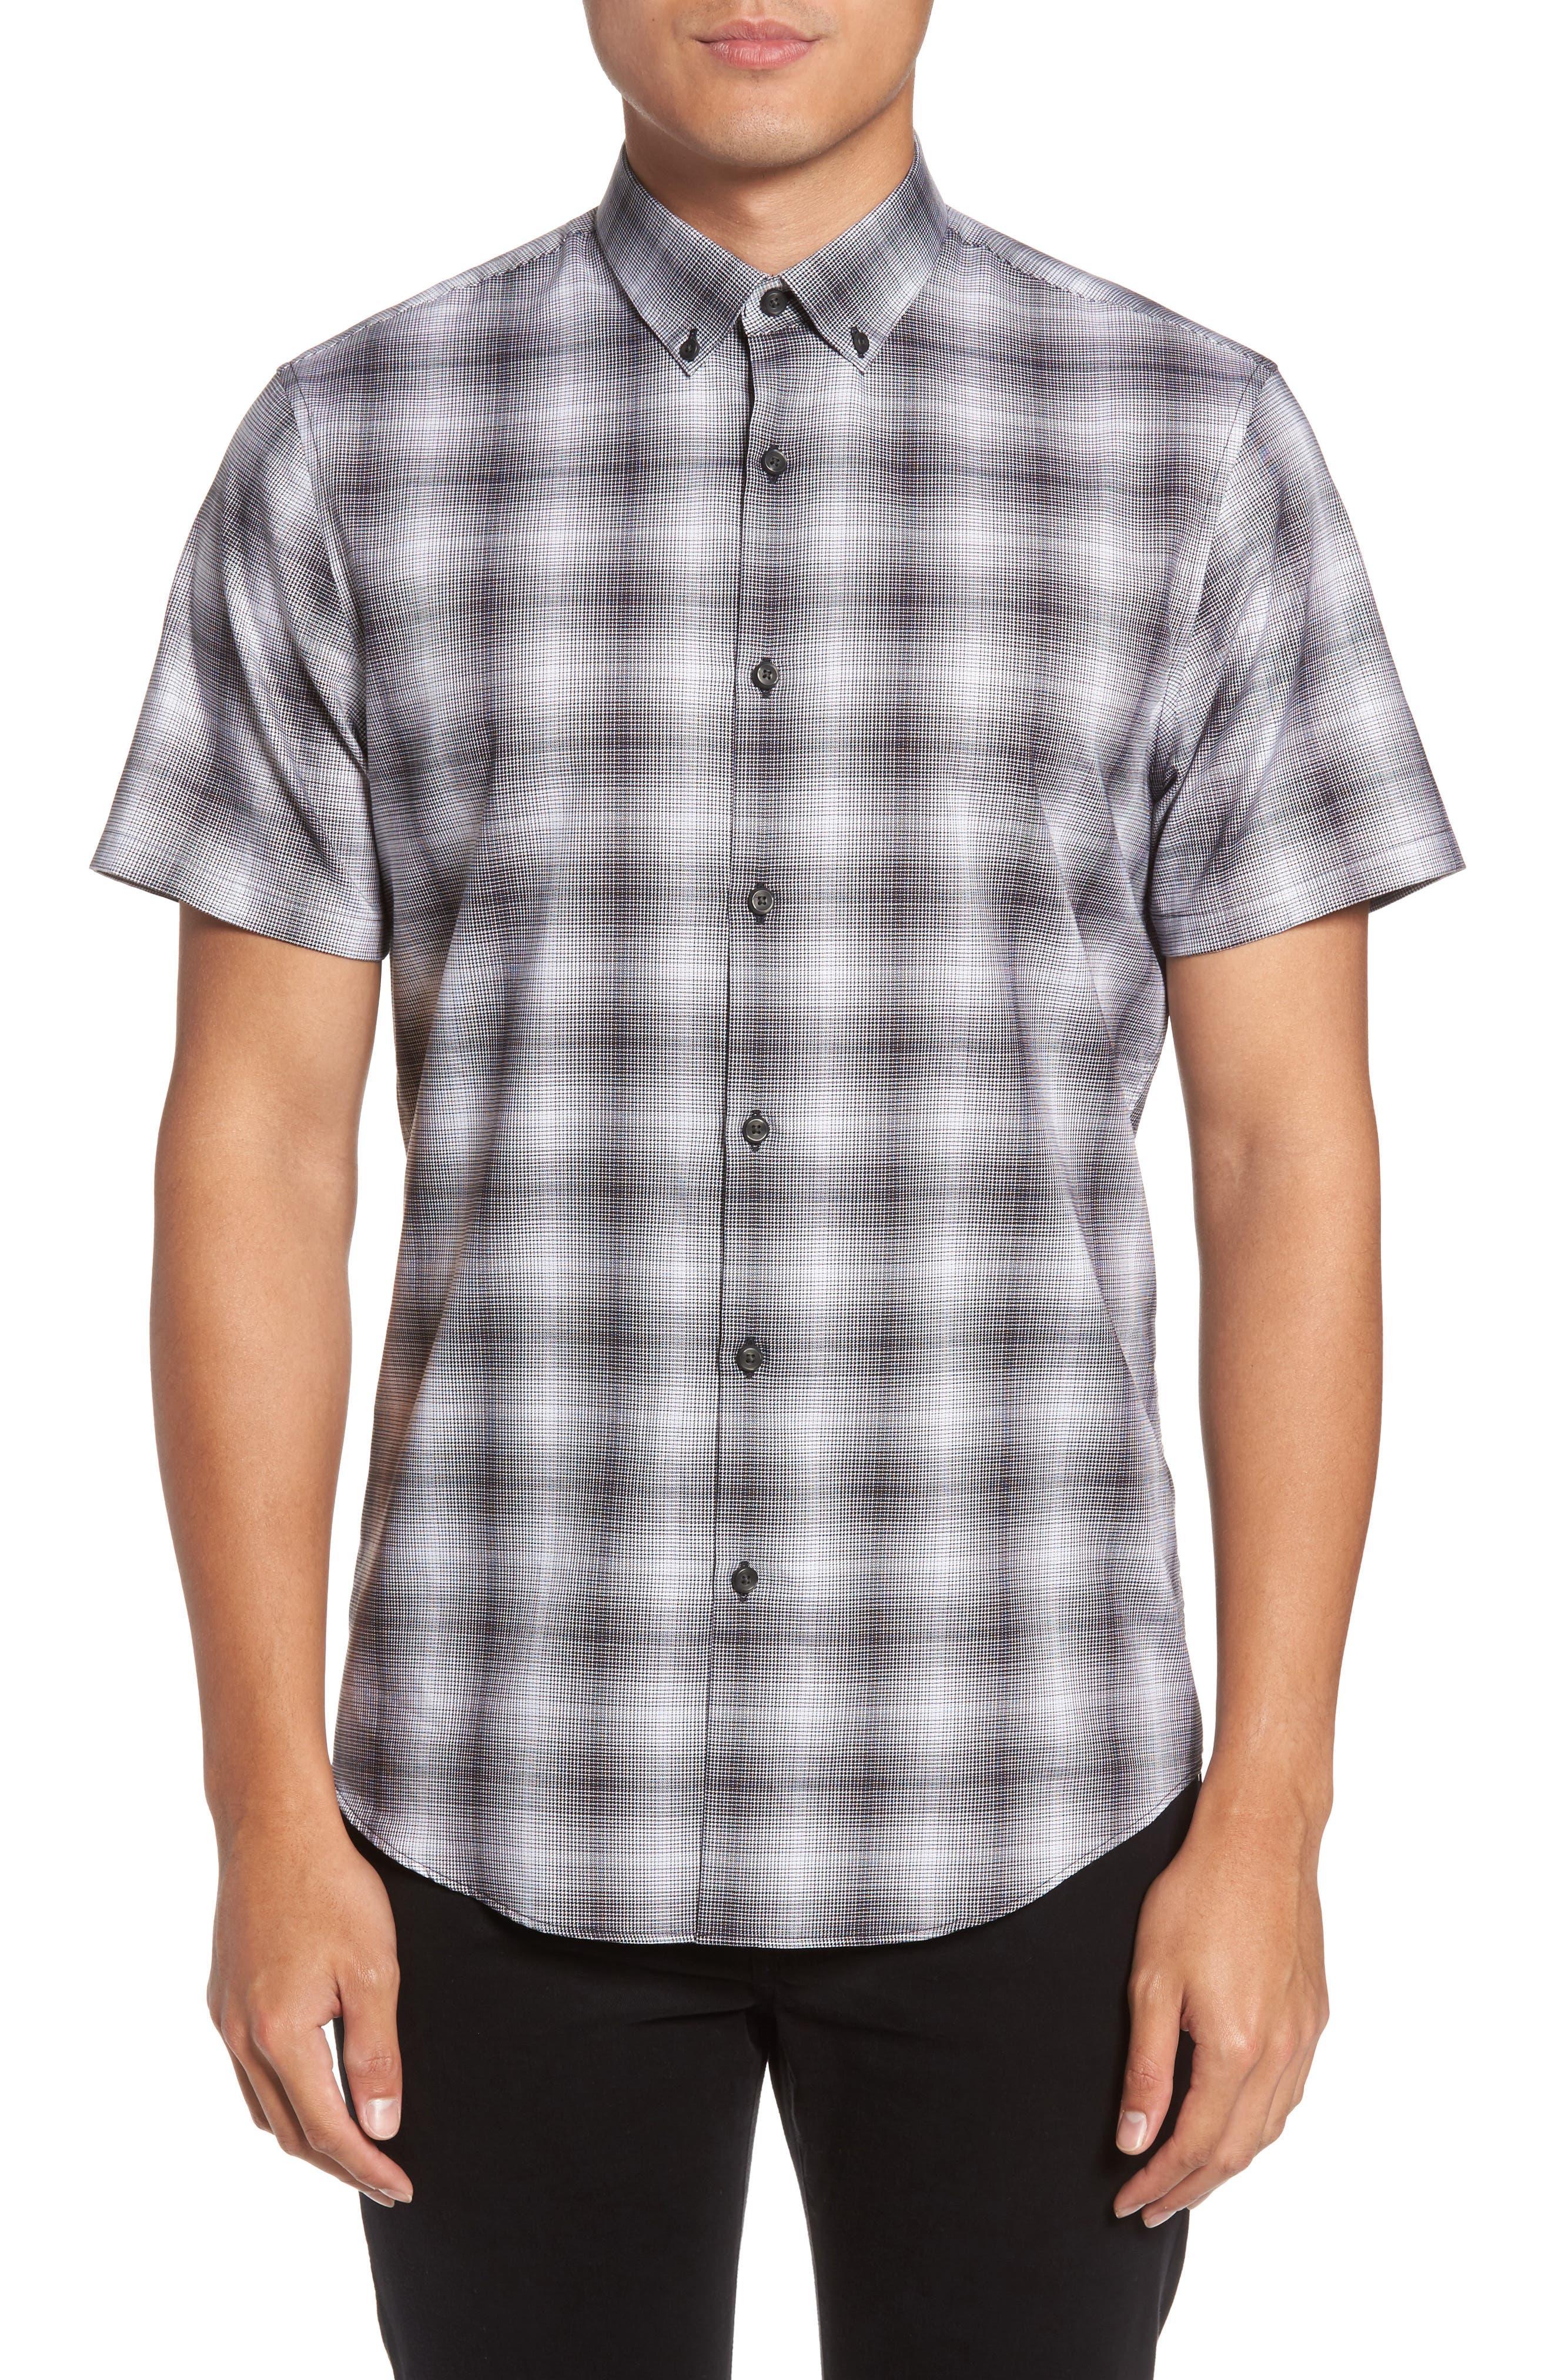 Main Image - Calibrate Non-Iron Moiré Plaid Woven Shirt